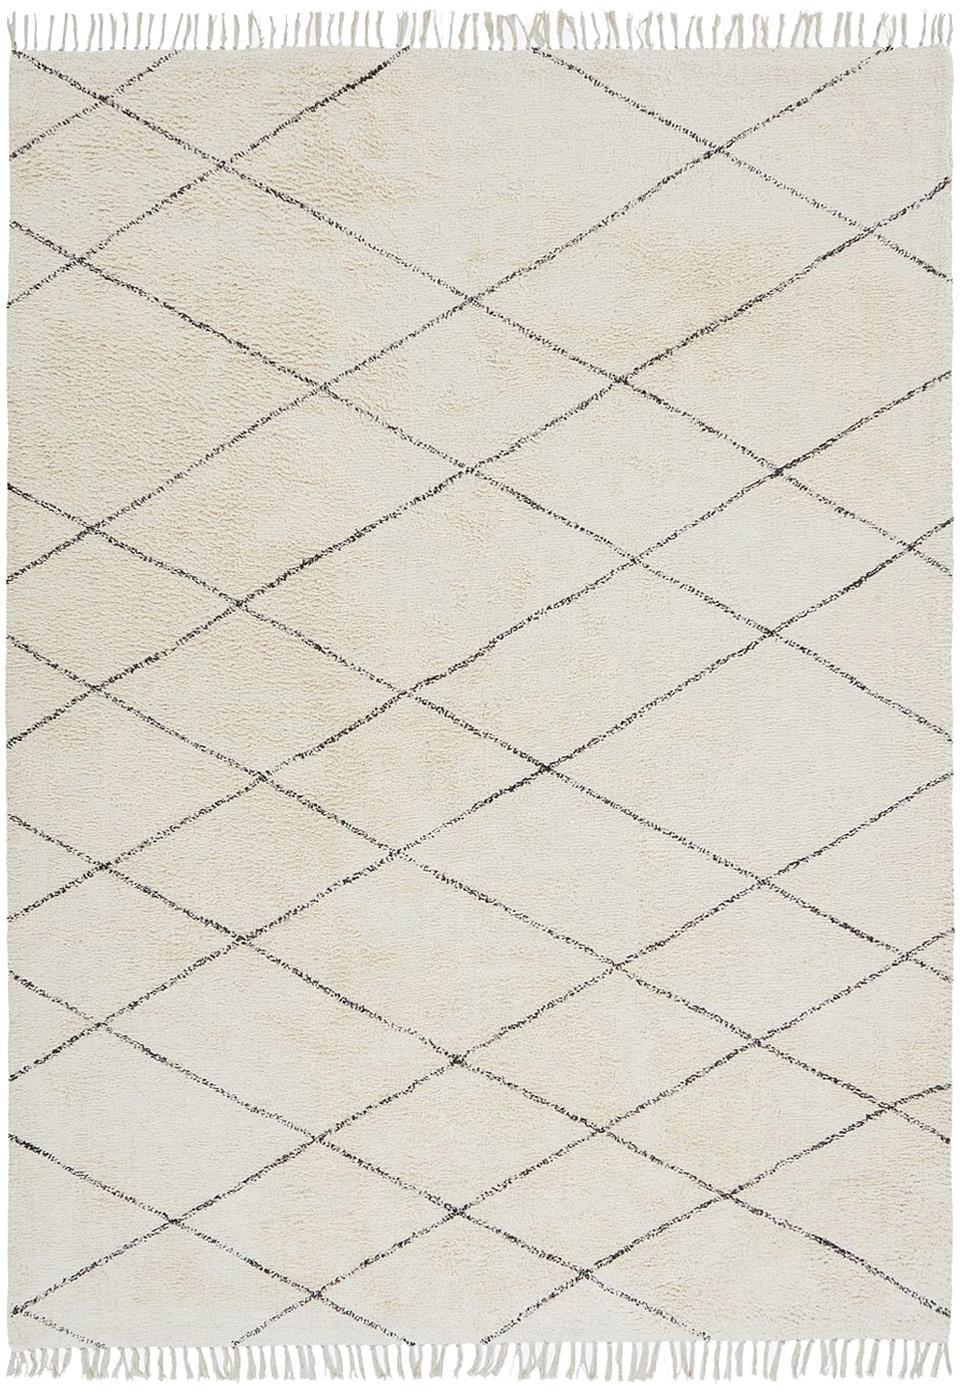 Katoenen vloerkleed Less, 100% katoen, Gebroken wit, zwart, 160 x 230 cm